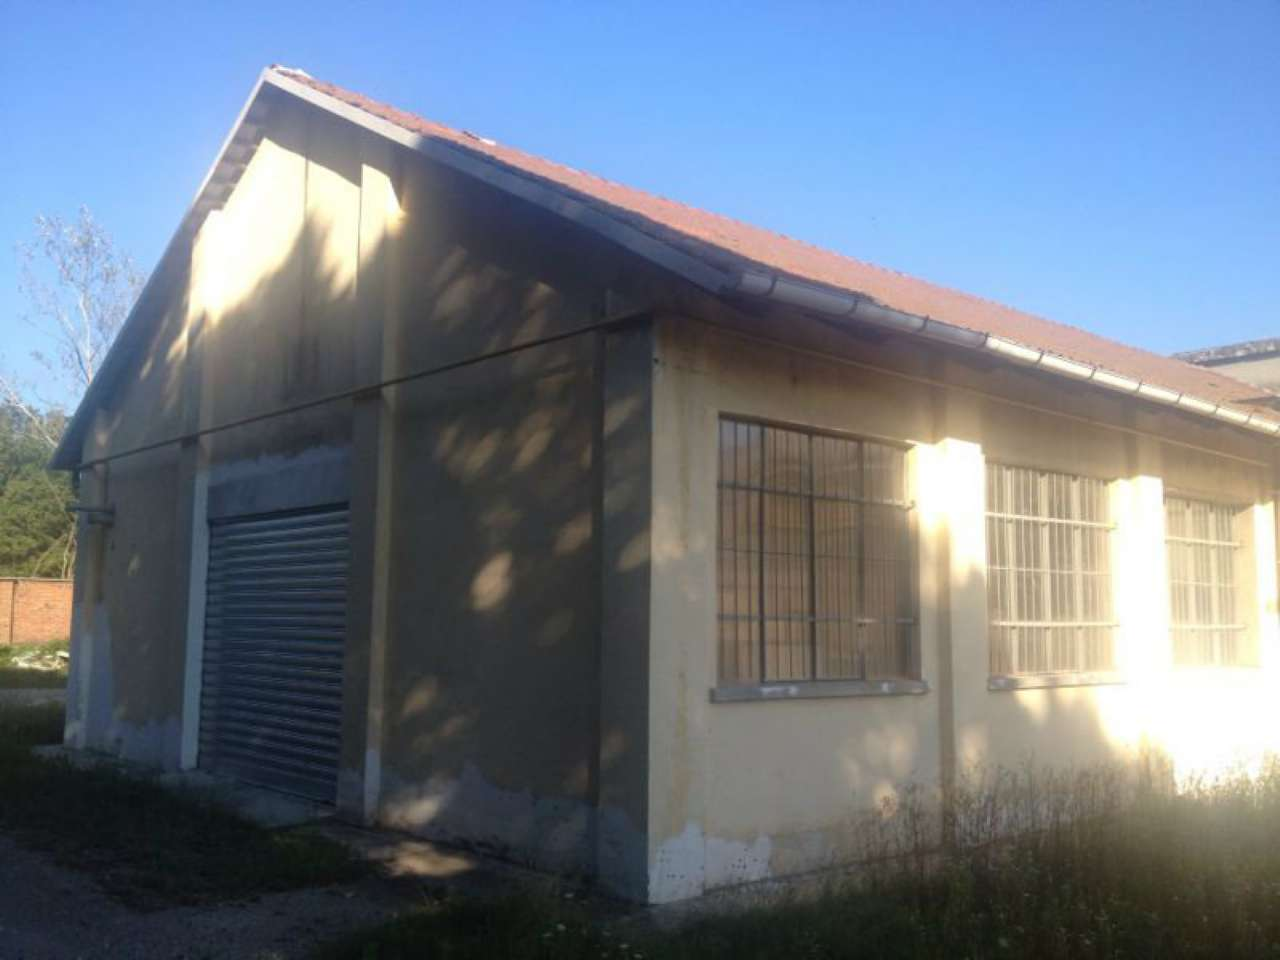 Magazzino in vendita a Druento, 9999 locali, prezzo € 120.000 | PortaleAgenzieImmobiliari.it